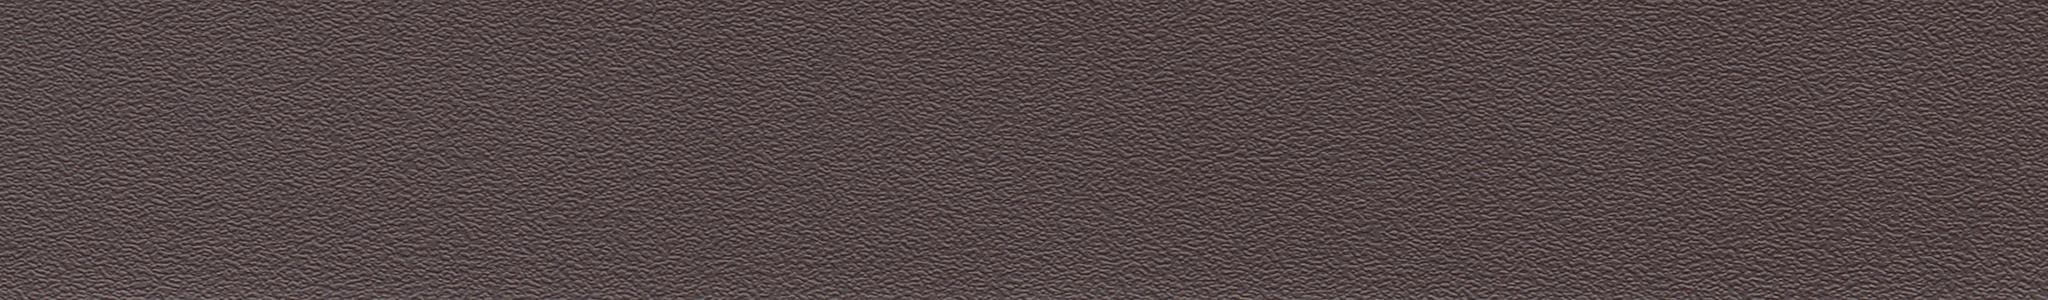 HU 18989 ABS hrana hnědočerná perla XG